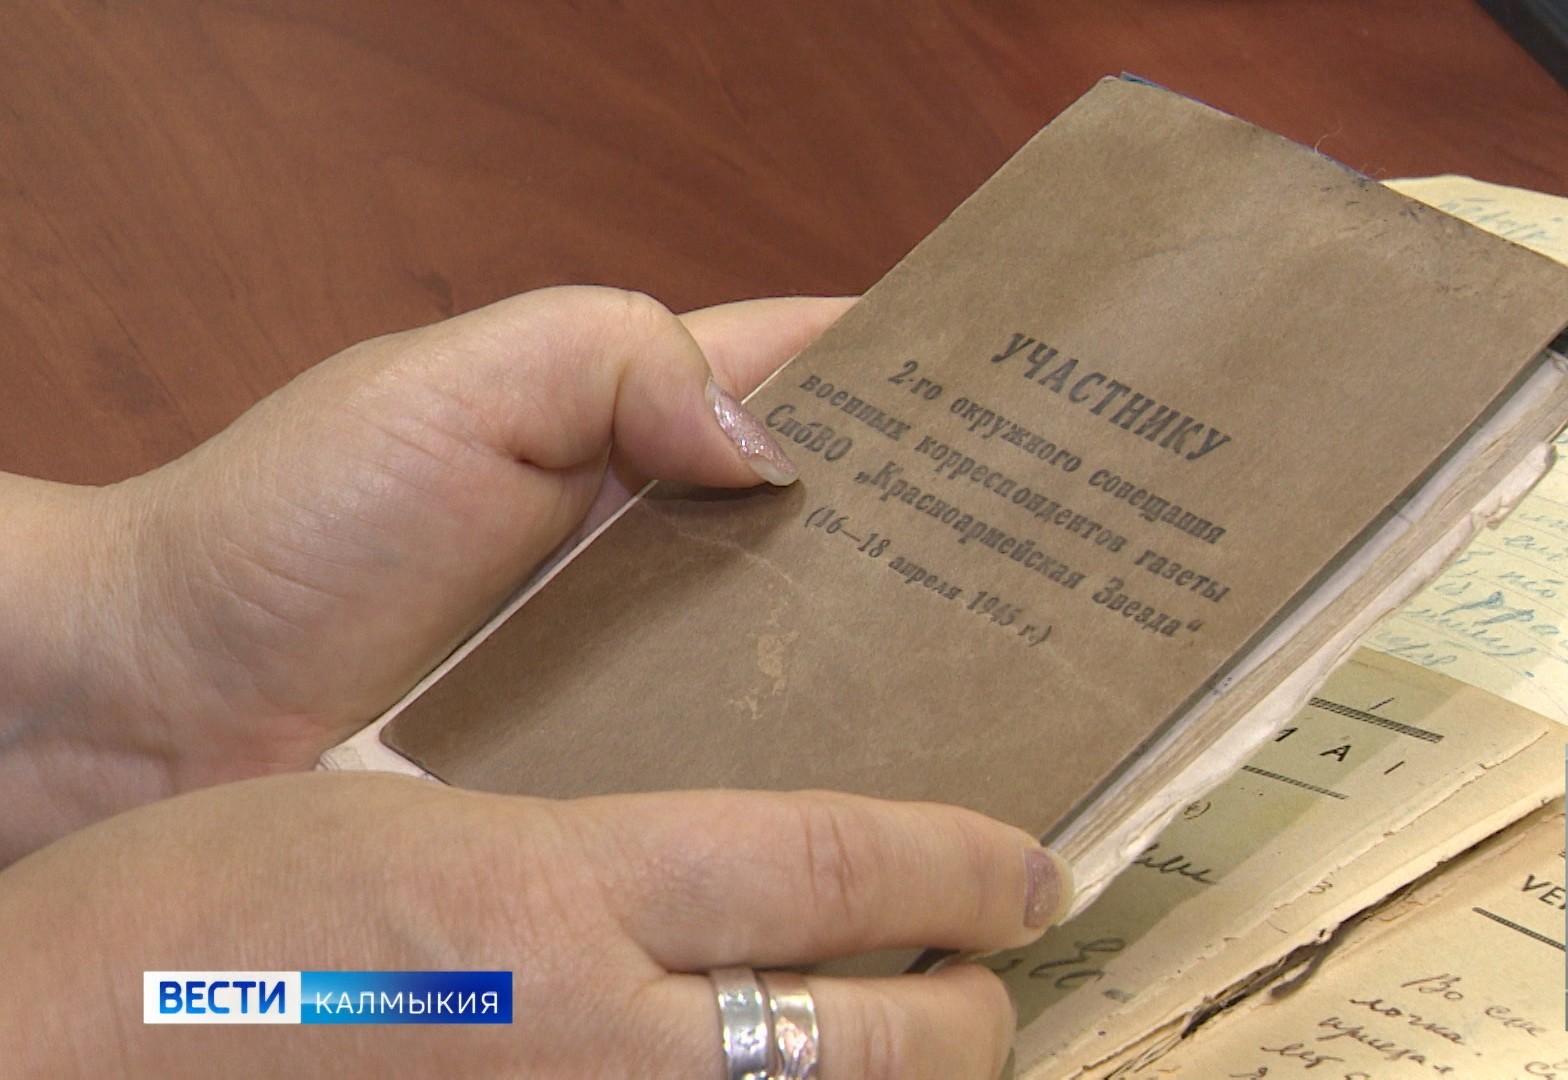 Фонды Национального архива пополнились личными документами ещё двух фронтовиков